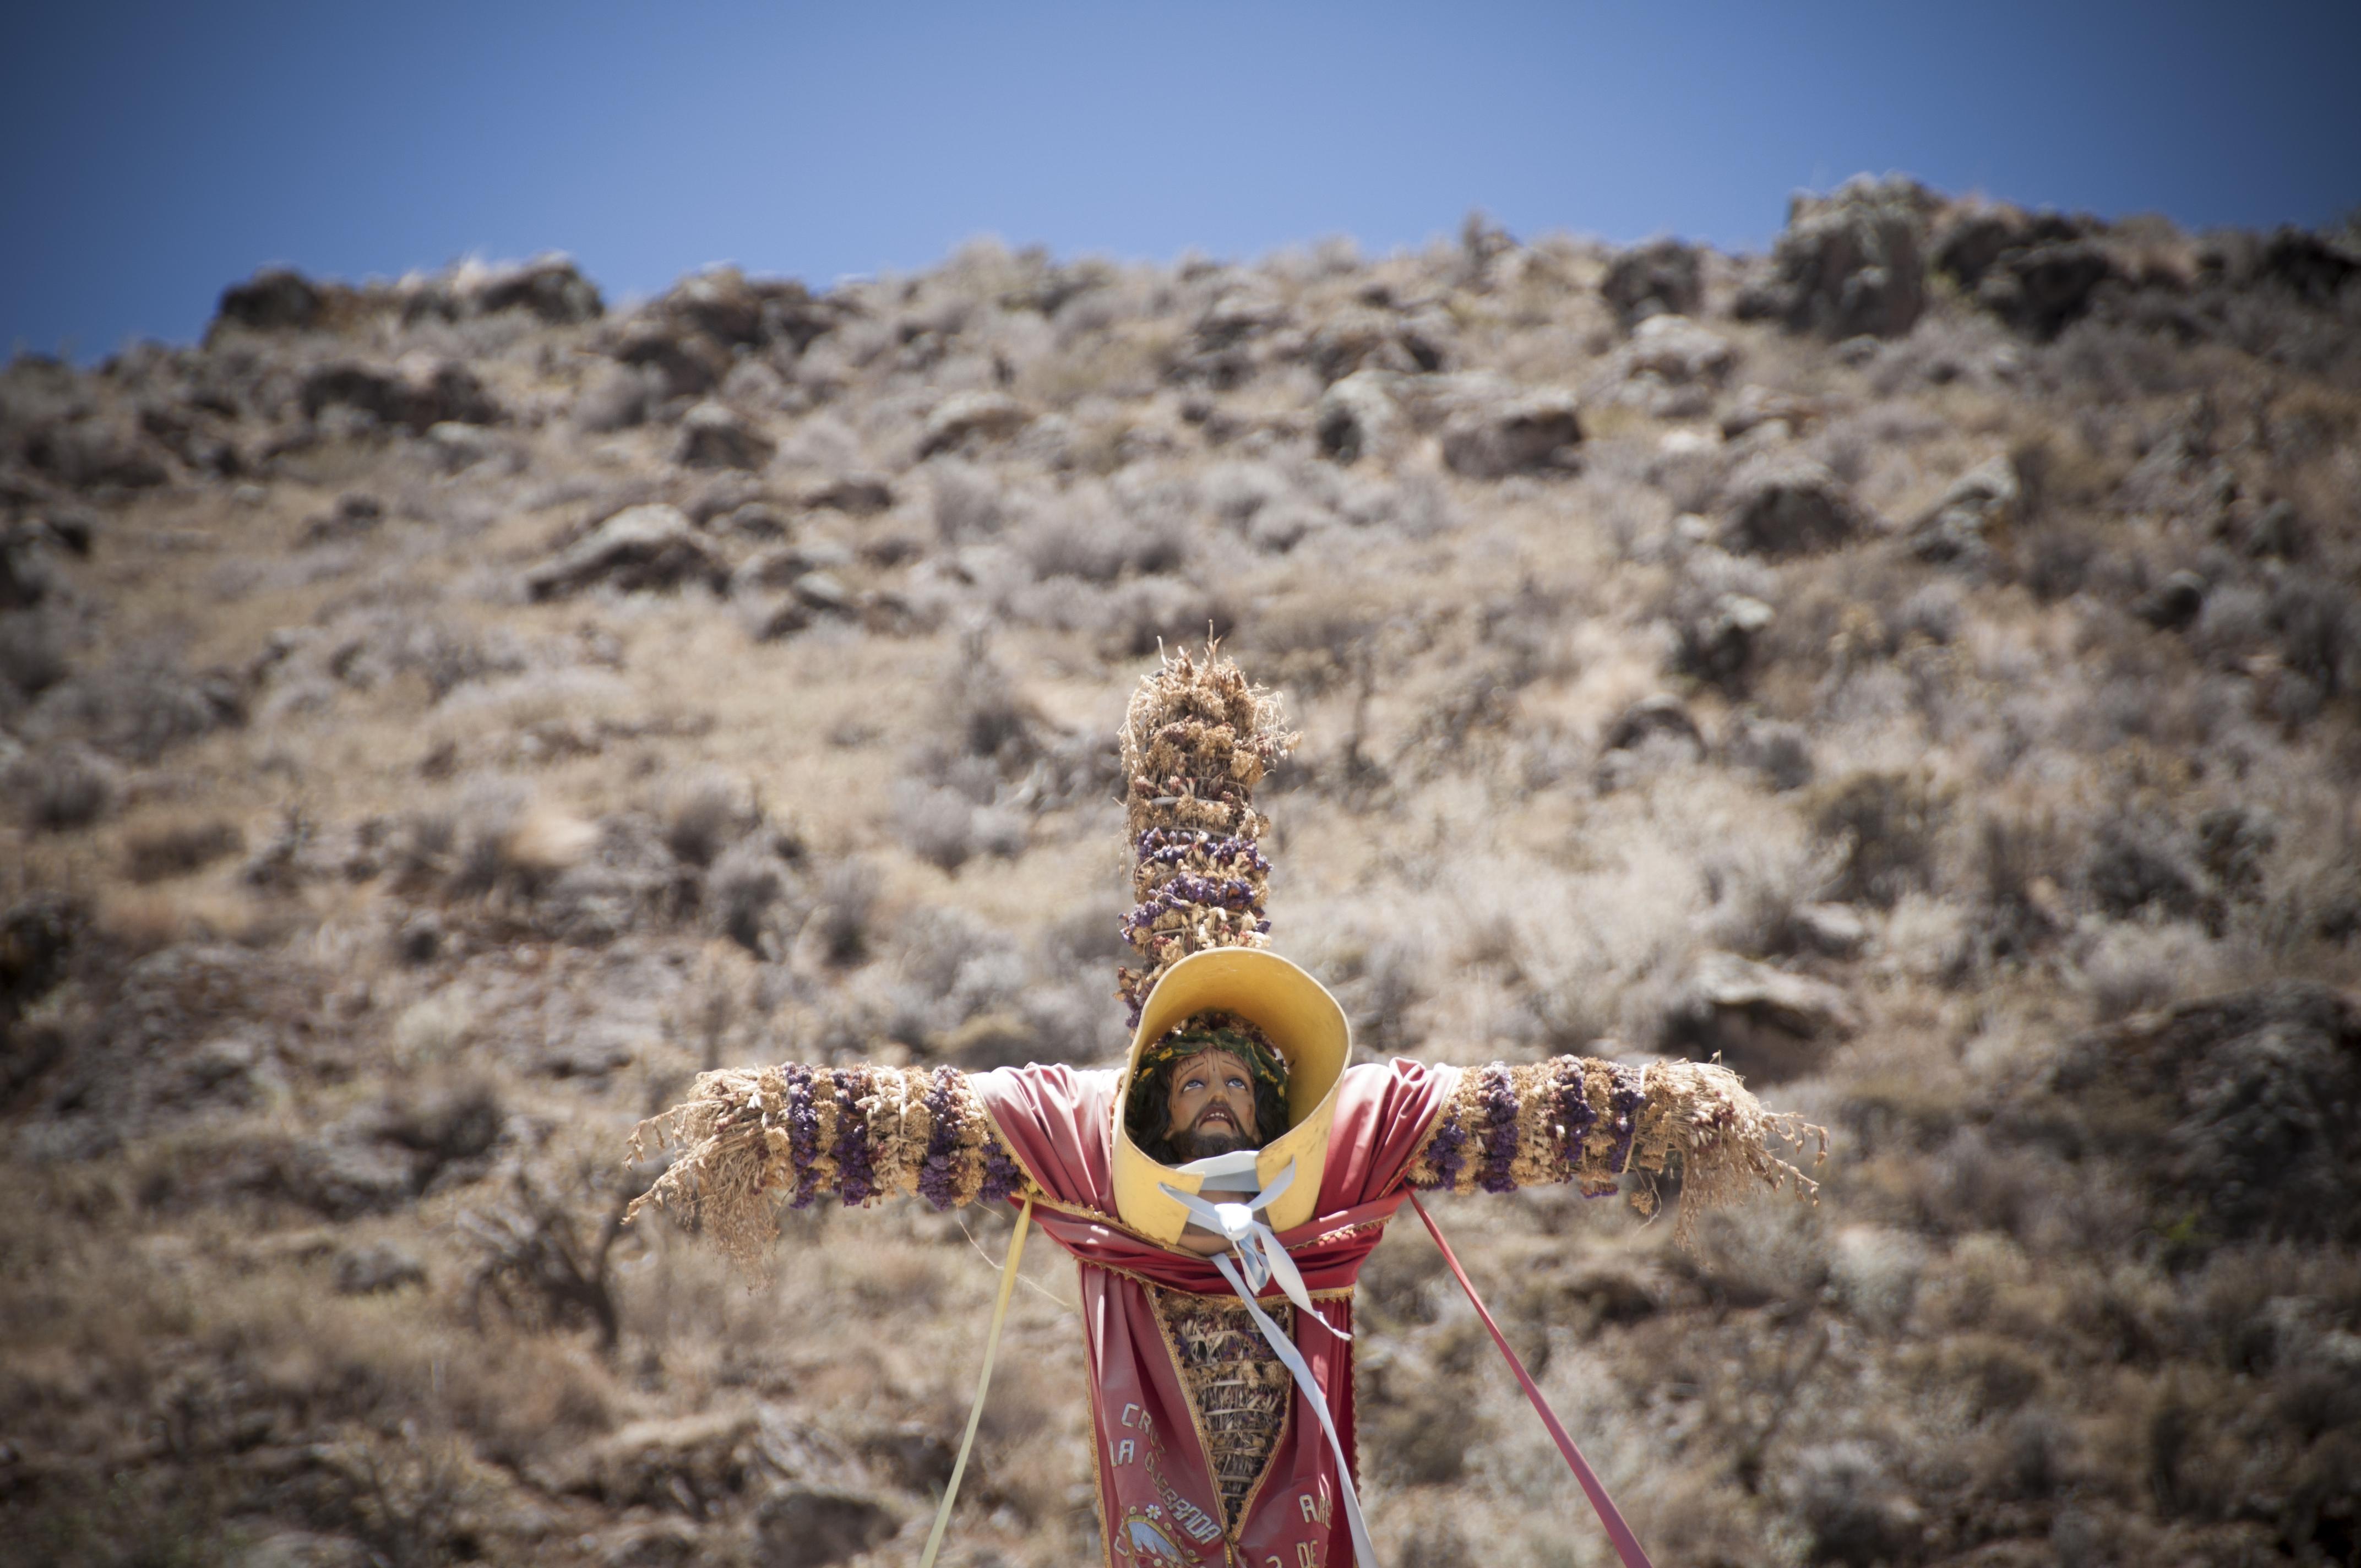 Peru 2013 Cañon del Colca Mirador del condor_ Cabanaconde 3 (Religion)